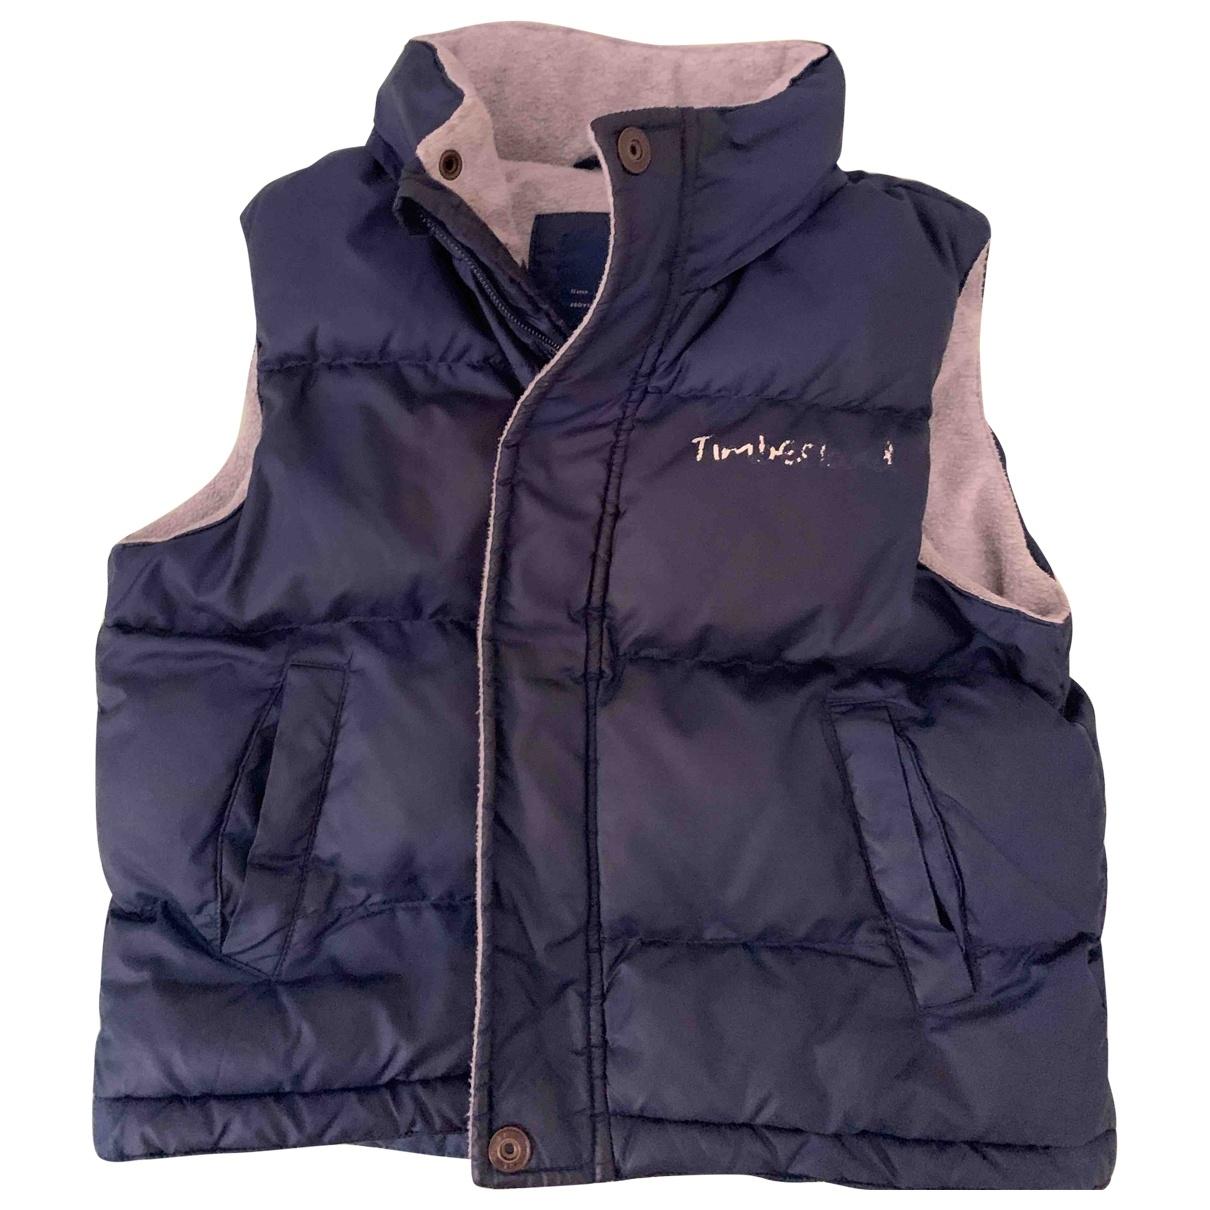 Timberland - Blousons.Manteaux   pour enfant - marine